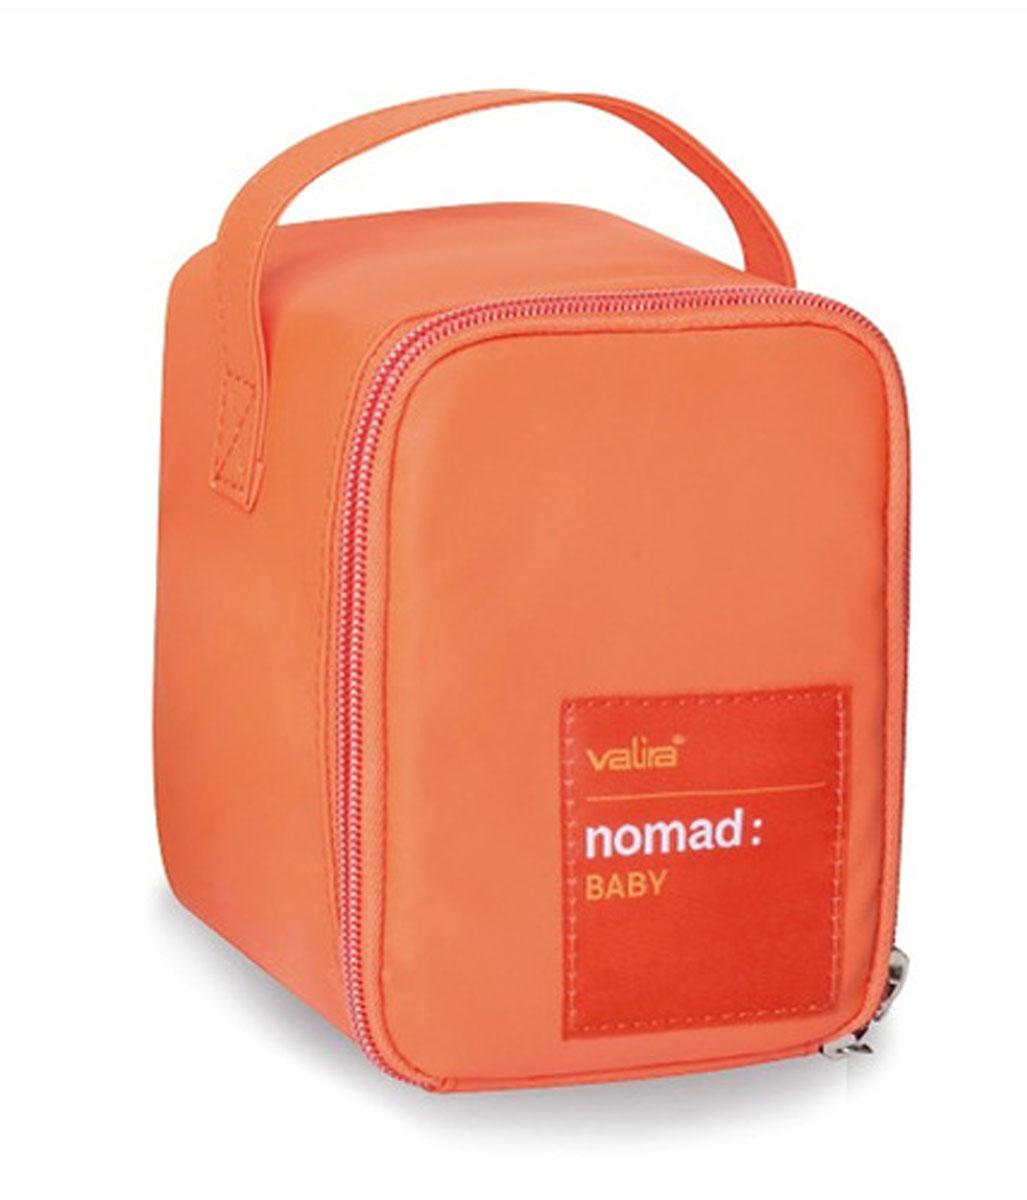 Сумка Valira, с контейнером, цвет: оранжевый, 0,4 л6031/149Удобная детская термосумка, в состав которой входит контейнер объемом 0,4л. Сохраняет температуру содержимого до 6 часов. Подходит для ежедневного использования дома, в школе, на секциях и т.д.Внешний материал гигиеничный и непромокаемый. Внутренний материал предназначен длялегкого и удобного ухода за сумкой. Имеет боковую ручку для удобства переноски. Есть специальный кармашек для столовых приборов.Контейнер (0,4л), входящий в набор, изготовлен из керамического пластика, 100% герметичен и водонепроницаемы, с удобными защёлками и надёжной изолирующей прокладкой. Контейнер можно использовать для разогревания пищи в микроволновой печи.